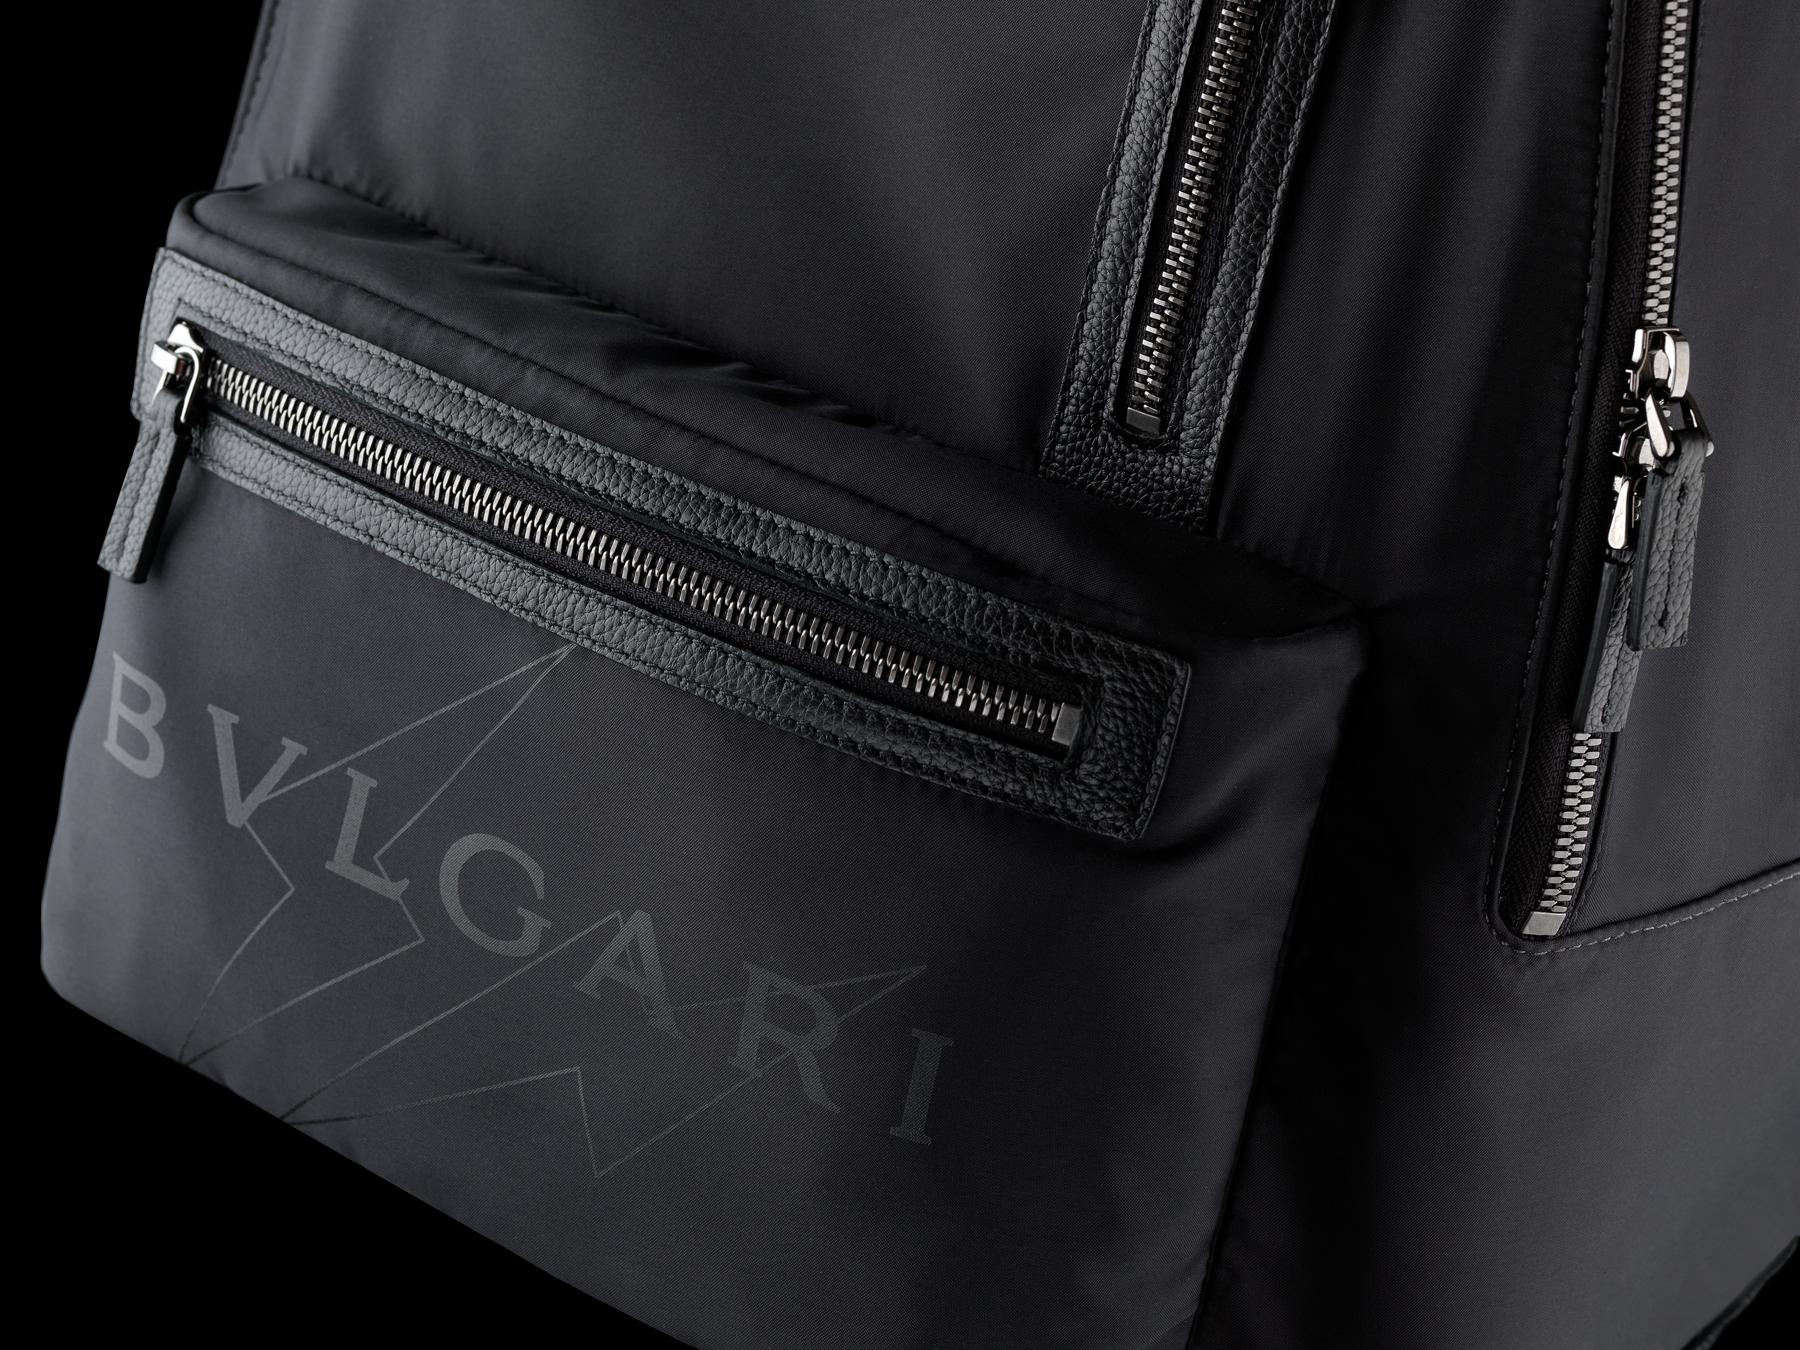 ウルトラブラックルテニウムプレートブラス製金具と「BVLGARI FRAGMENT」ブラックロゴプリントをあしらったブラックパフィーナイロン製「FRAGMENT X BVLGARI by Hiroshi Fujiwara」バックパック。 290732 image 5